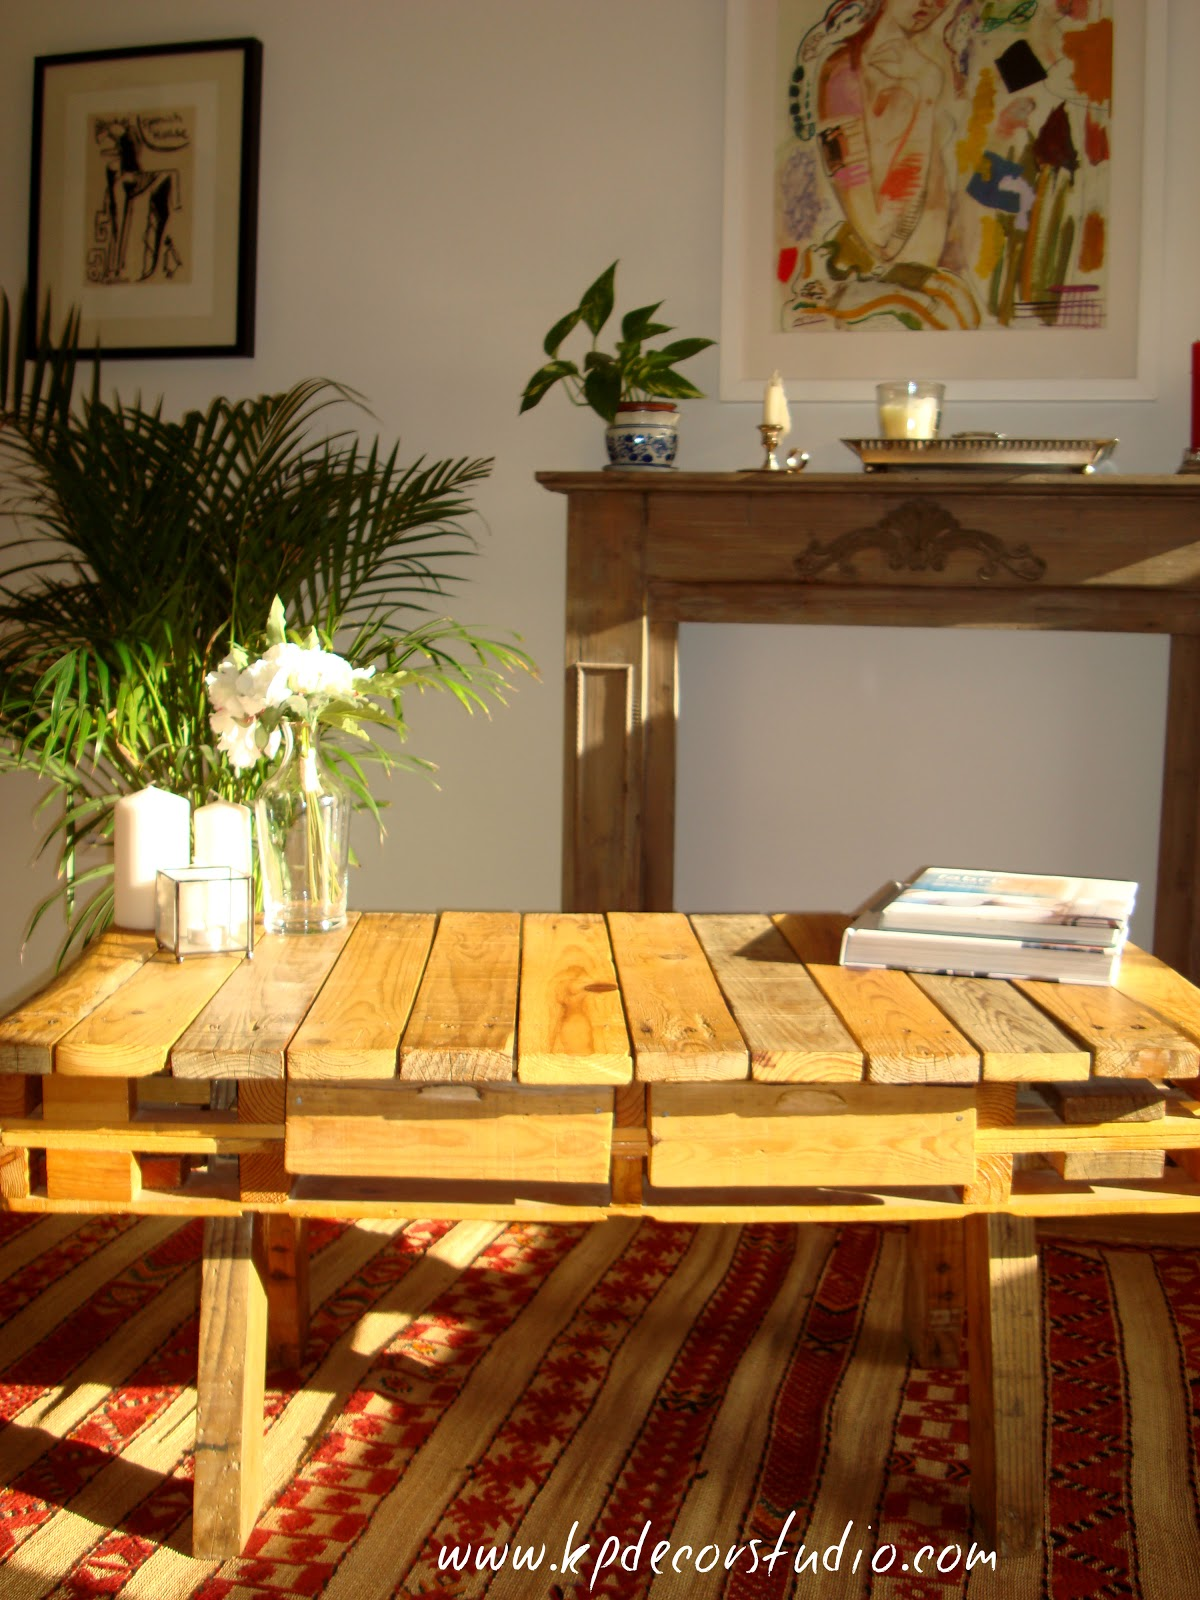 Palets Decoracion Venta ~ KP decor studio Mesa de madera (palet) por encargo  Exclusive wood